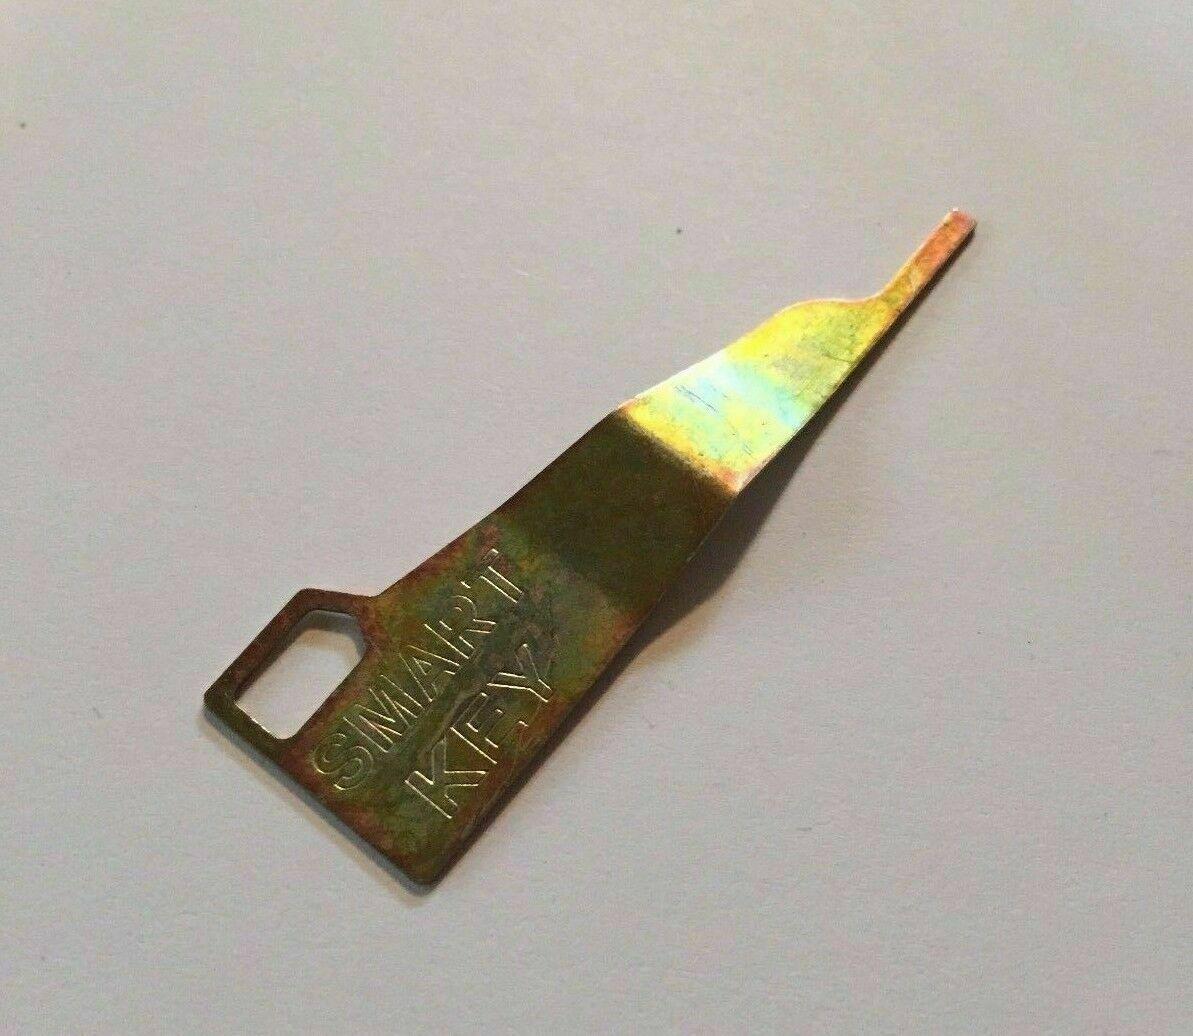 Kwikset 83262-001 SmartKey Re-keying Kit